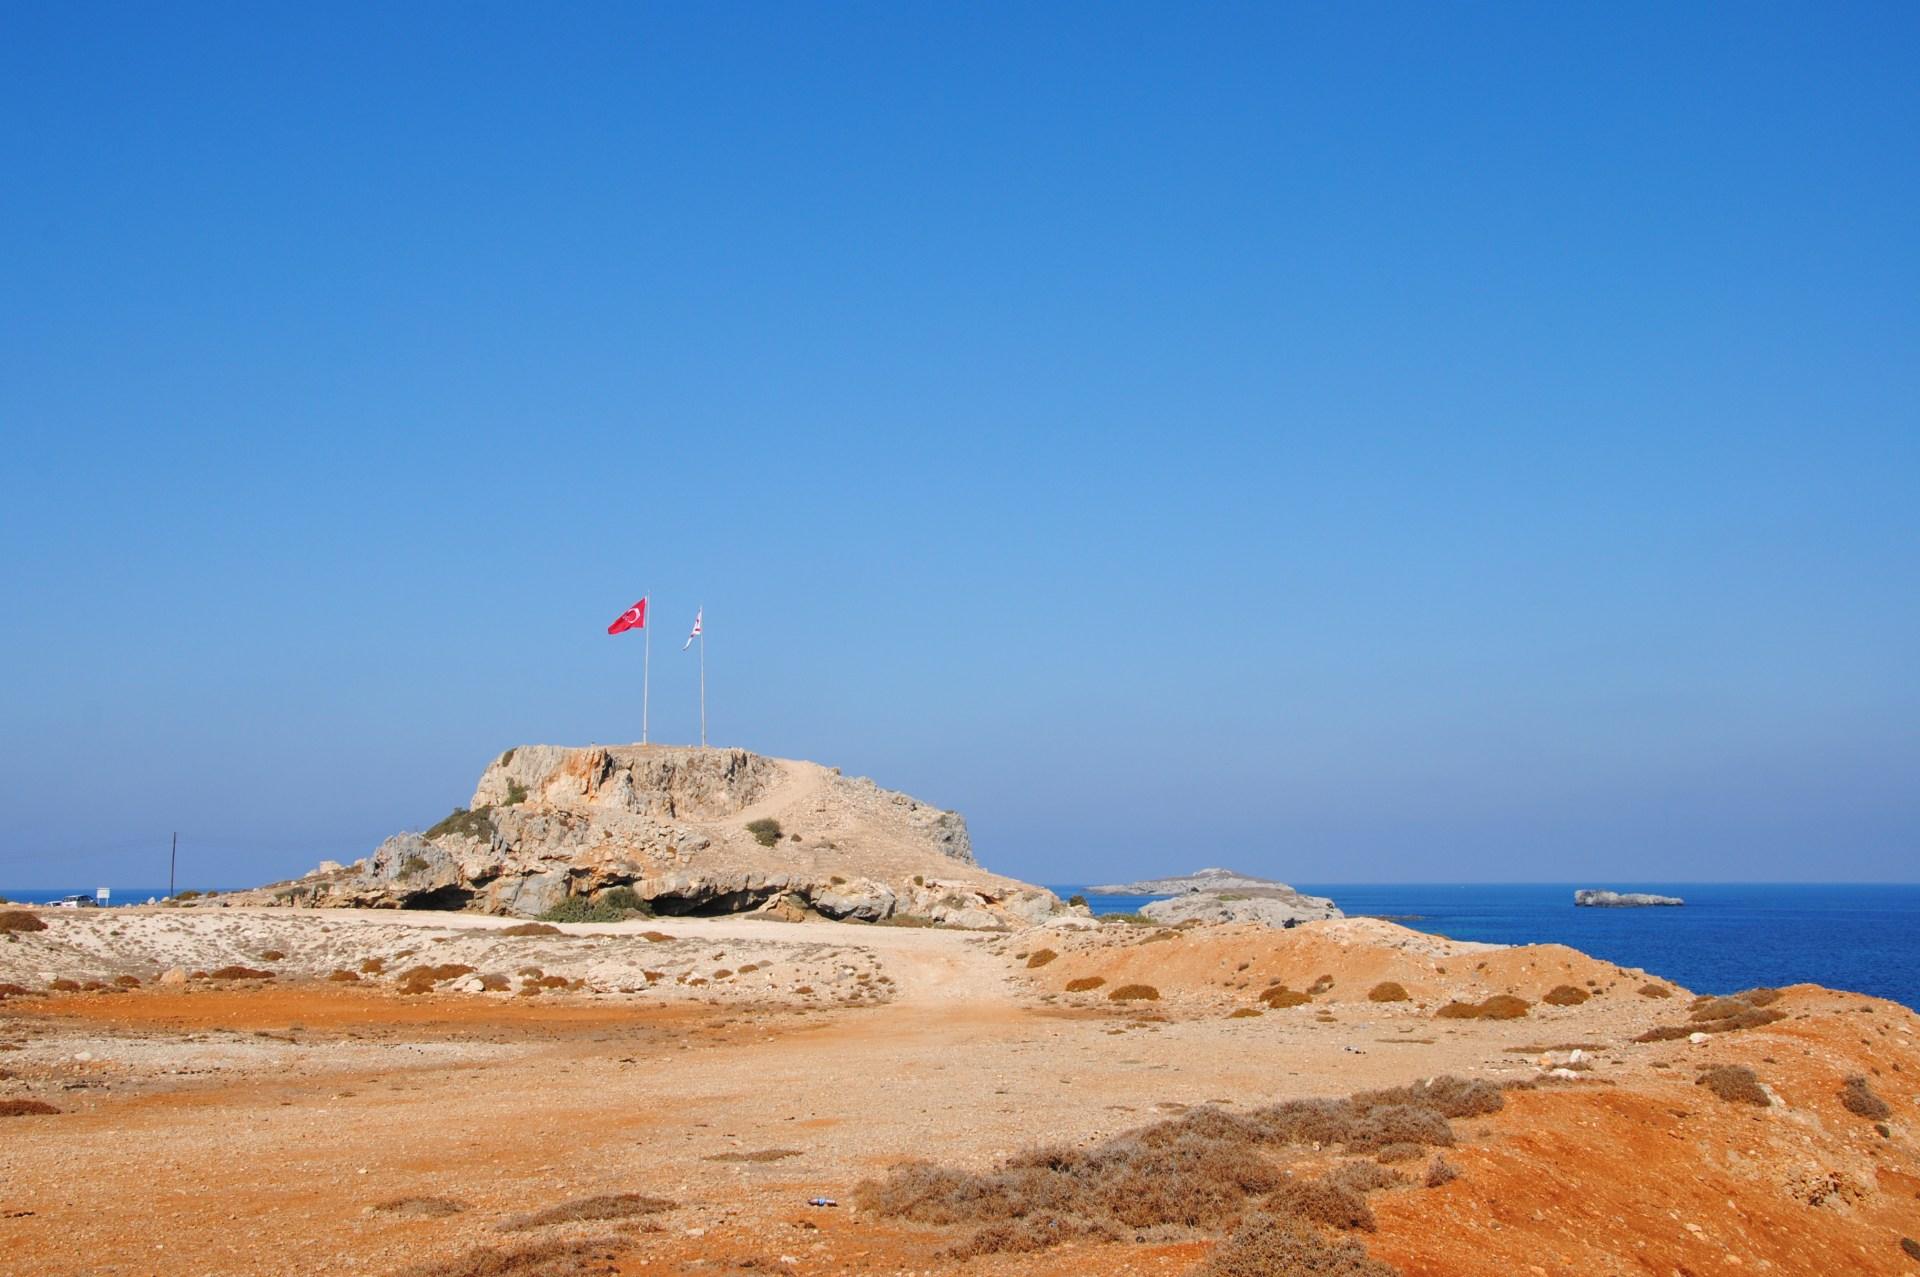 Ein Steinhaufen mit einer Türkeiflagge